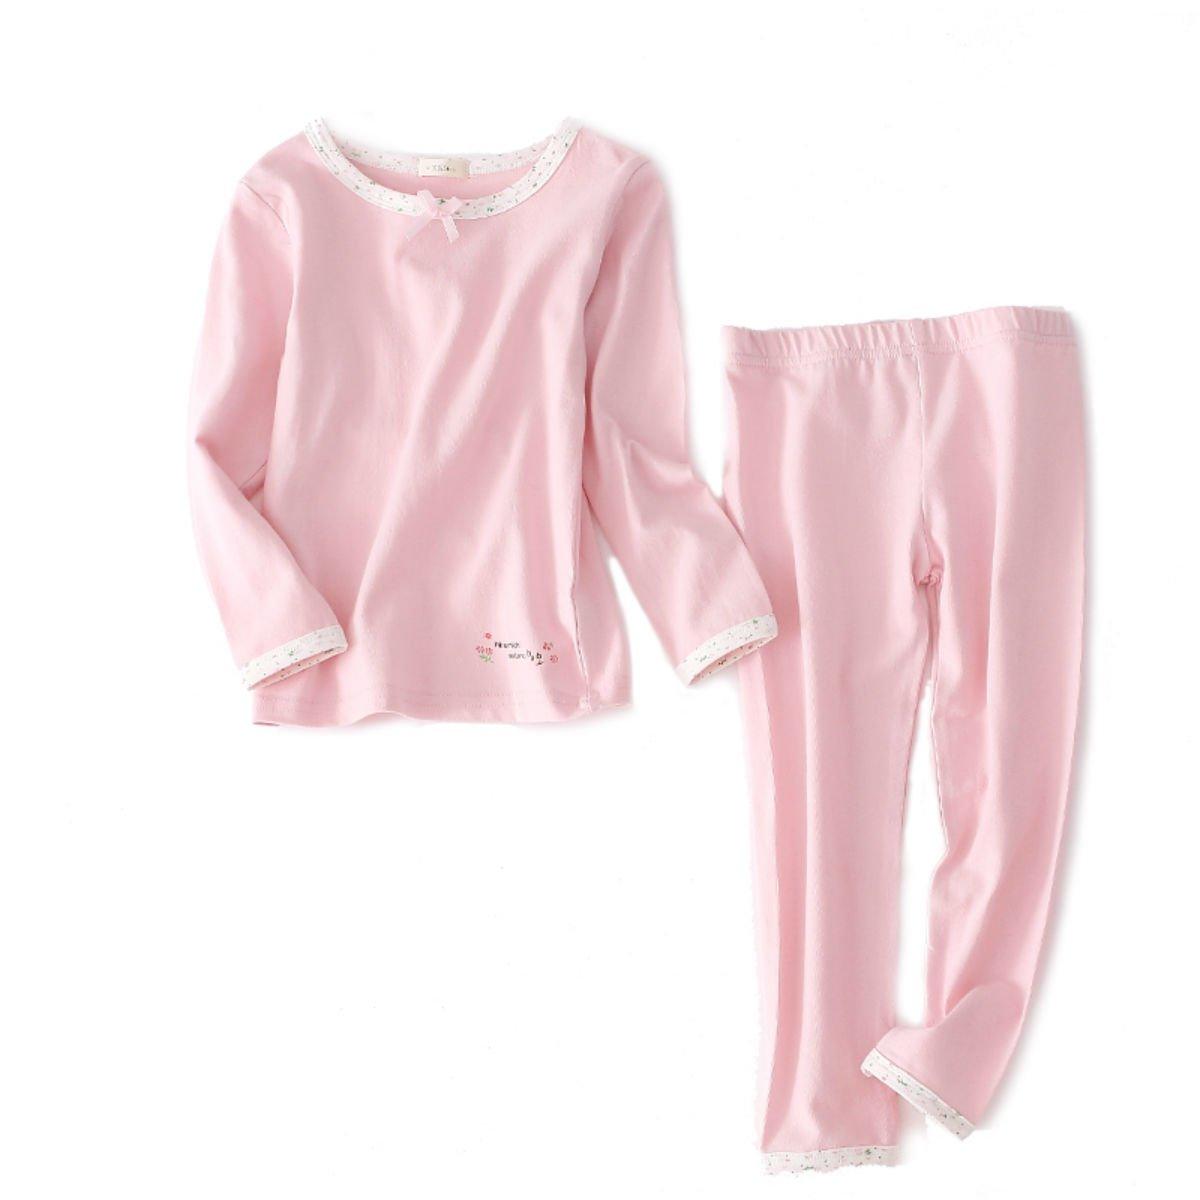 DGAGA Girls Cotton Pajama Set Solid Sleepwear Thermal Sets 2pcs Top and Legging Pink 7-8 Years/140cm